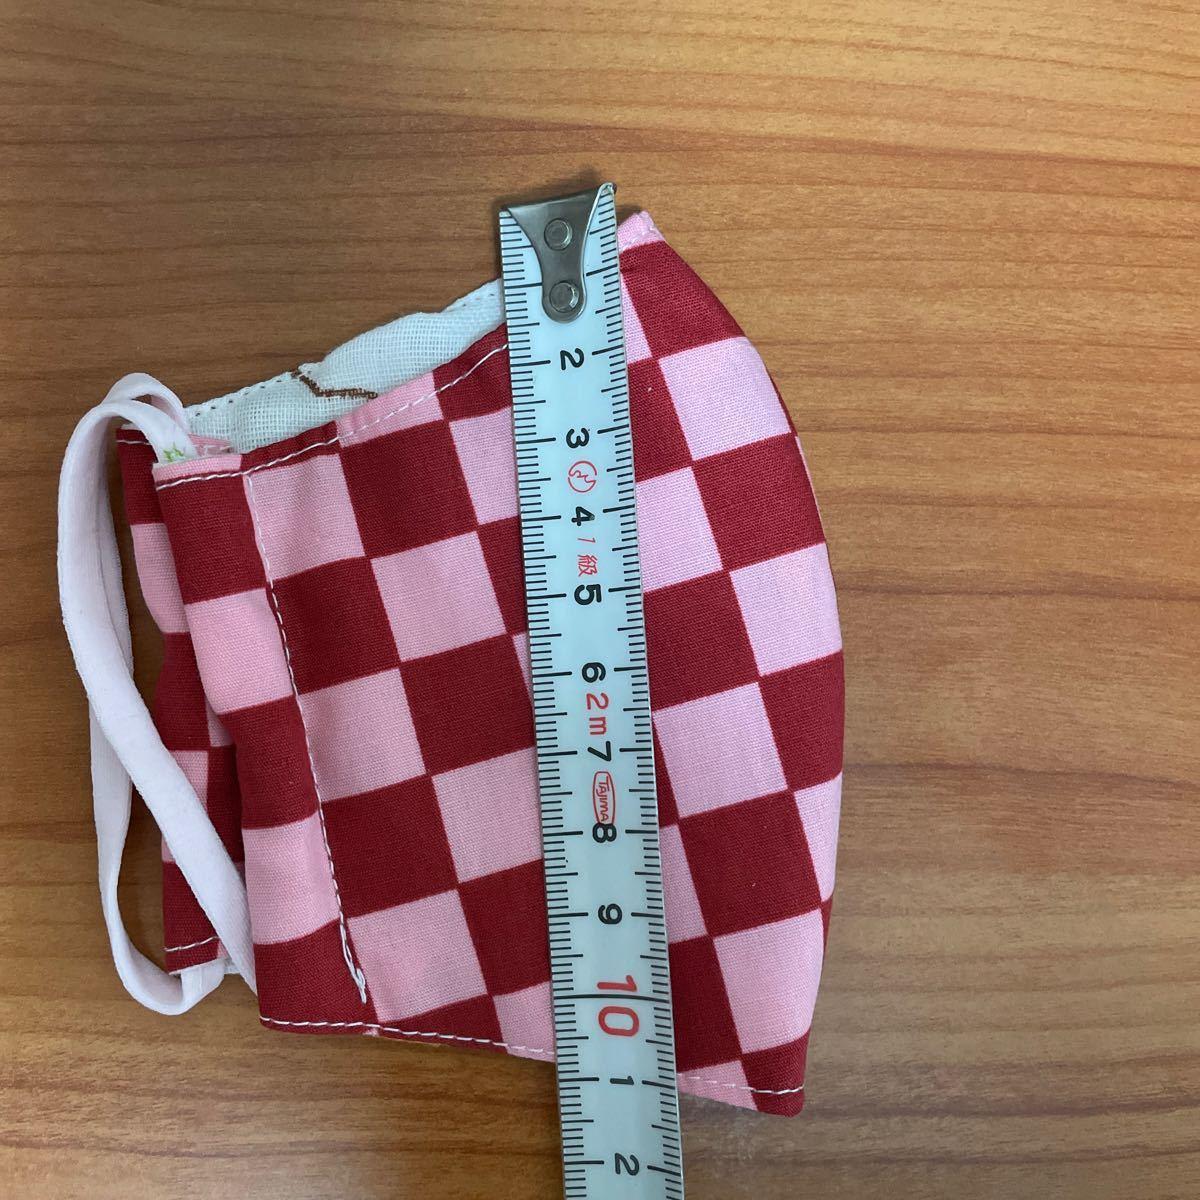 立体インナーマスク ハンドメイド 児童用セット